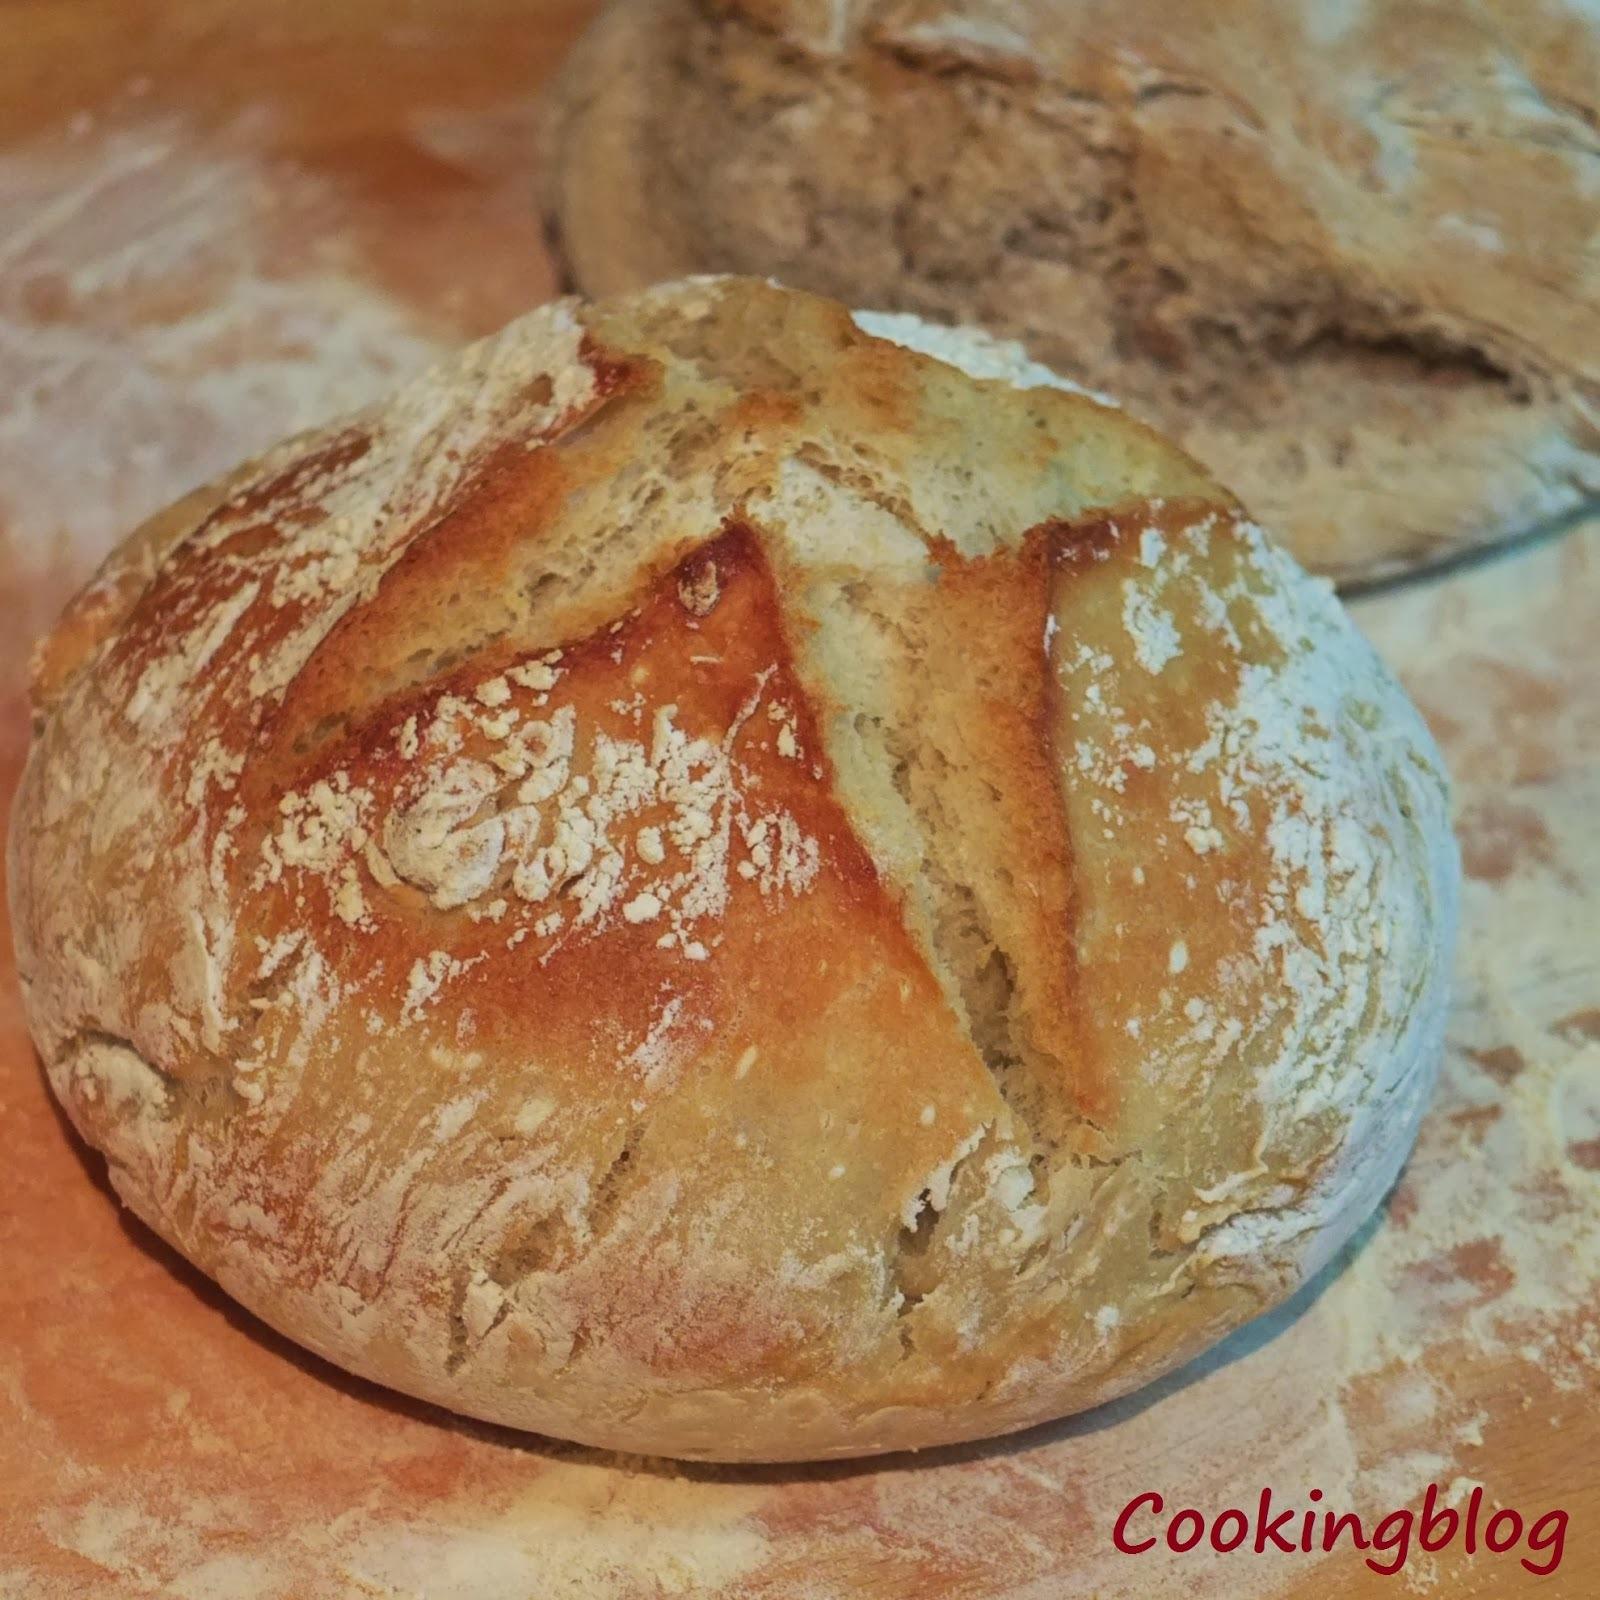 Pão com manteiga | Bread and butter